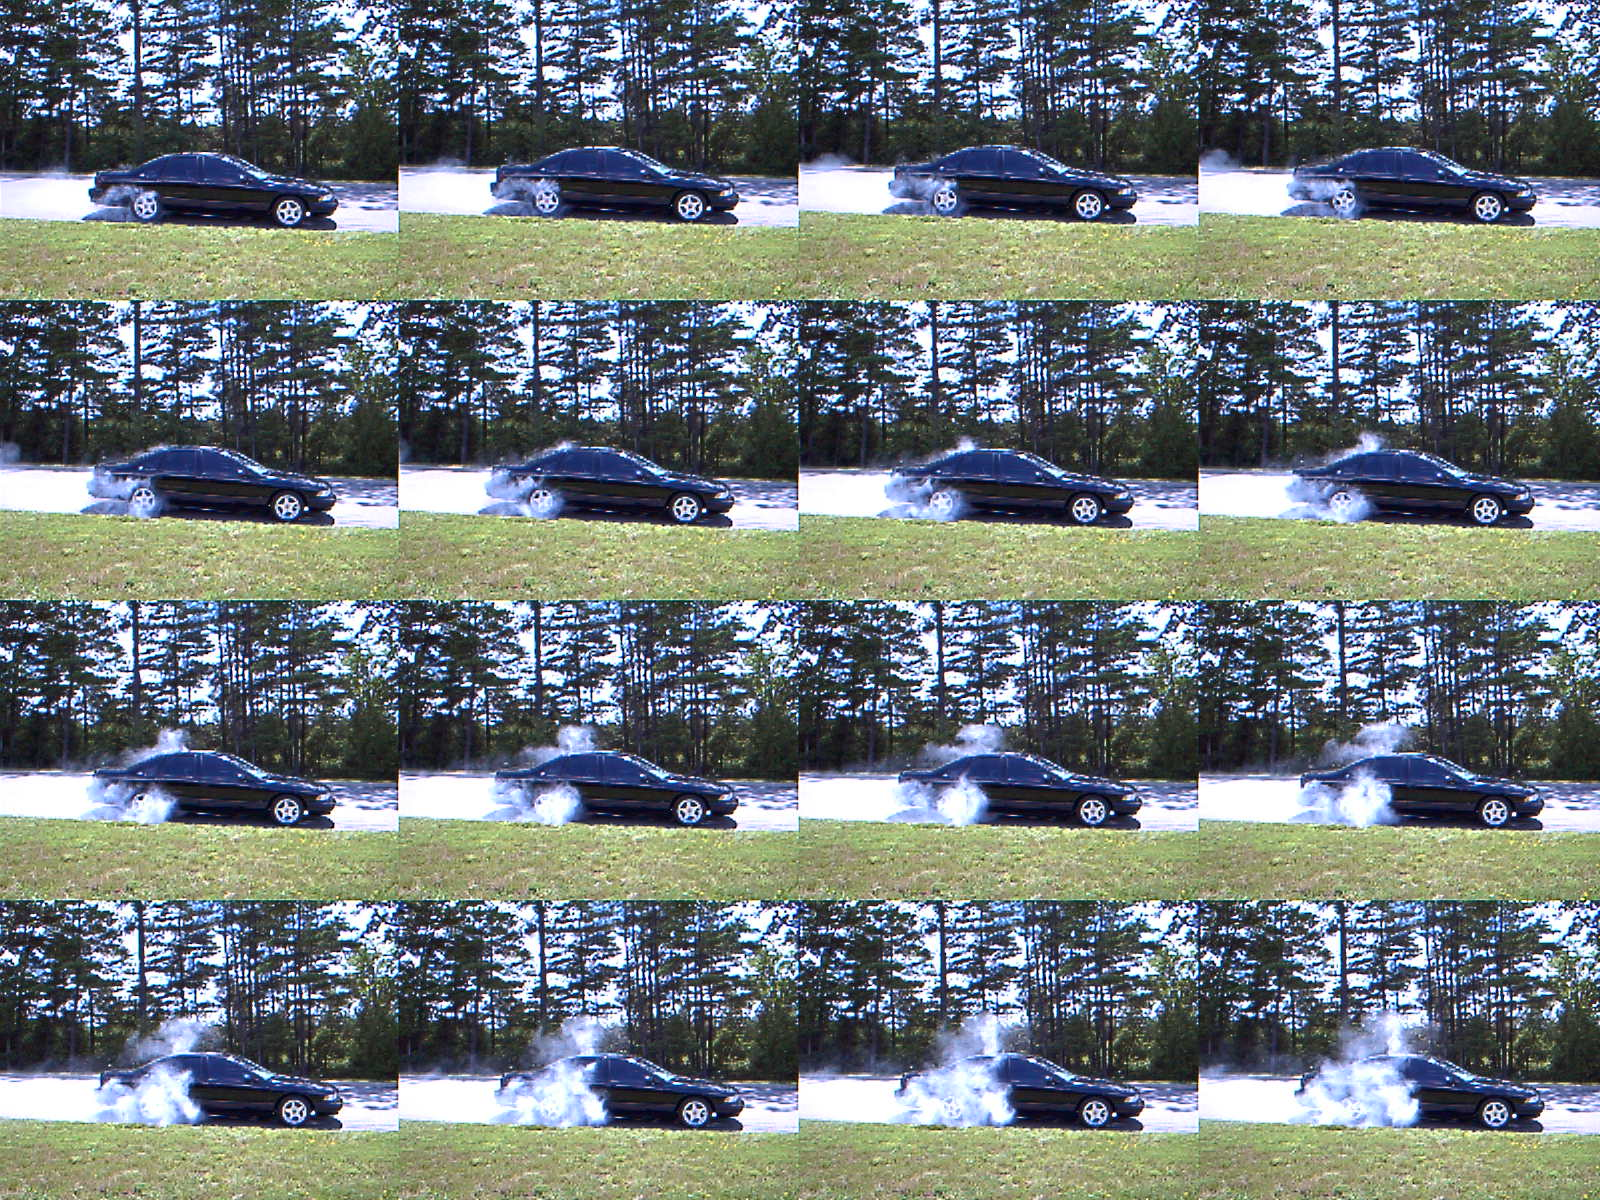 Steve's Impala